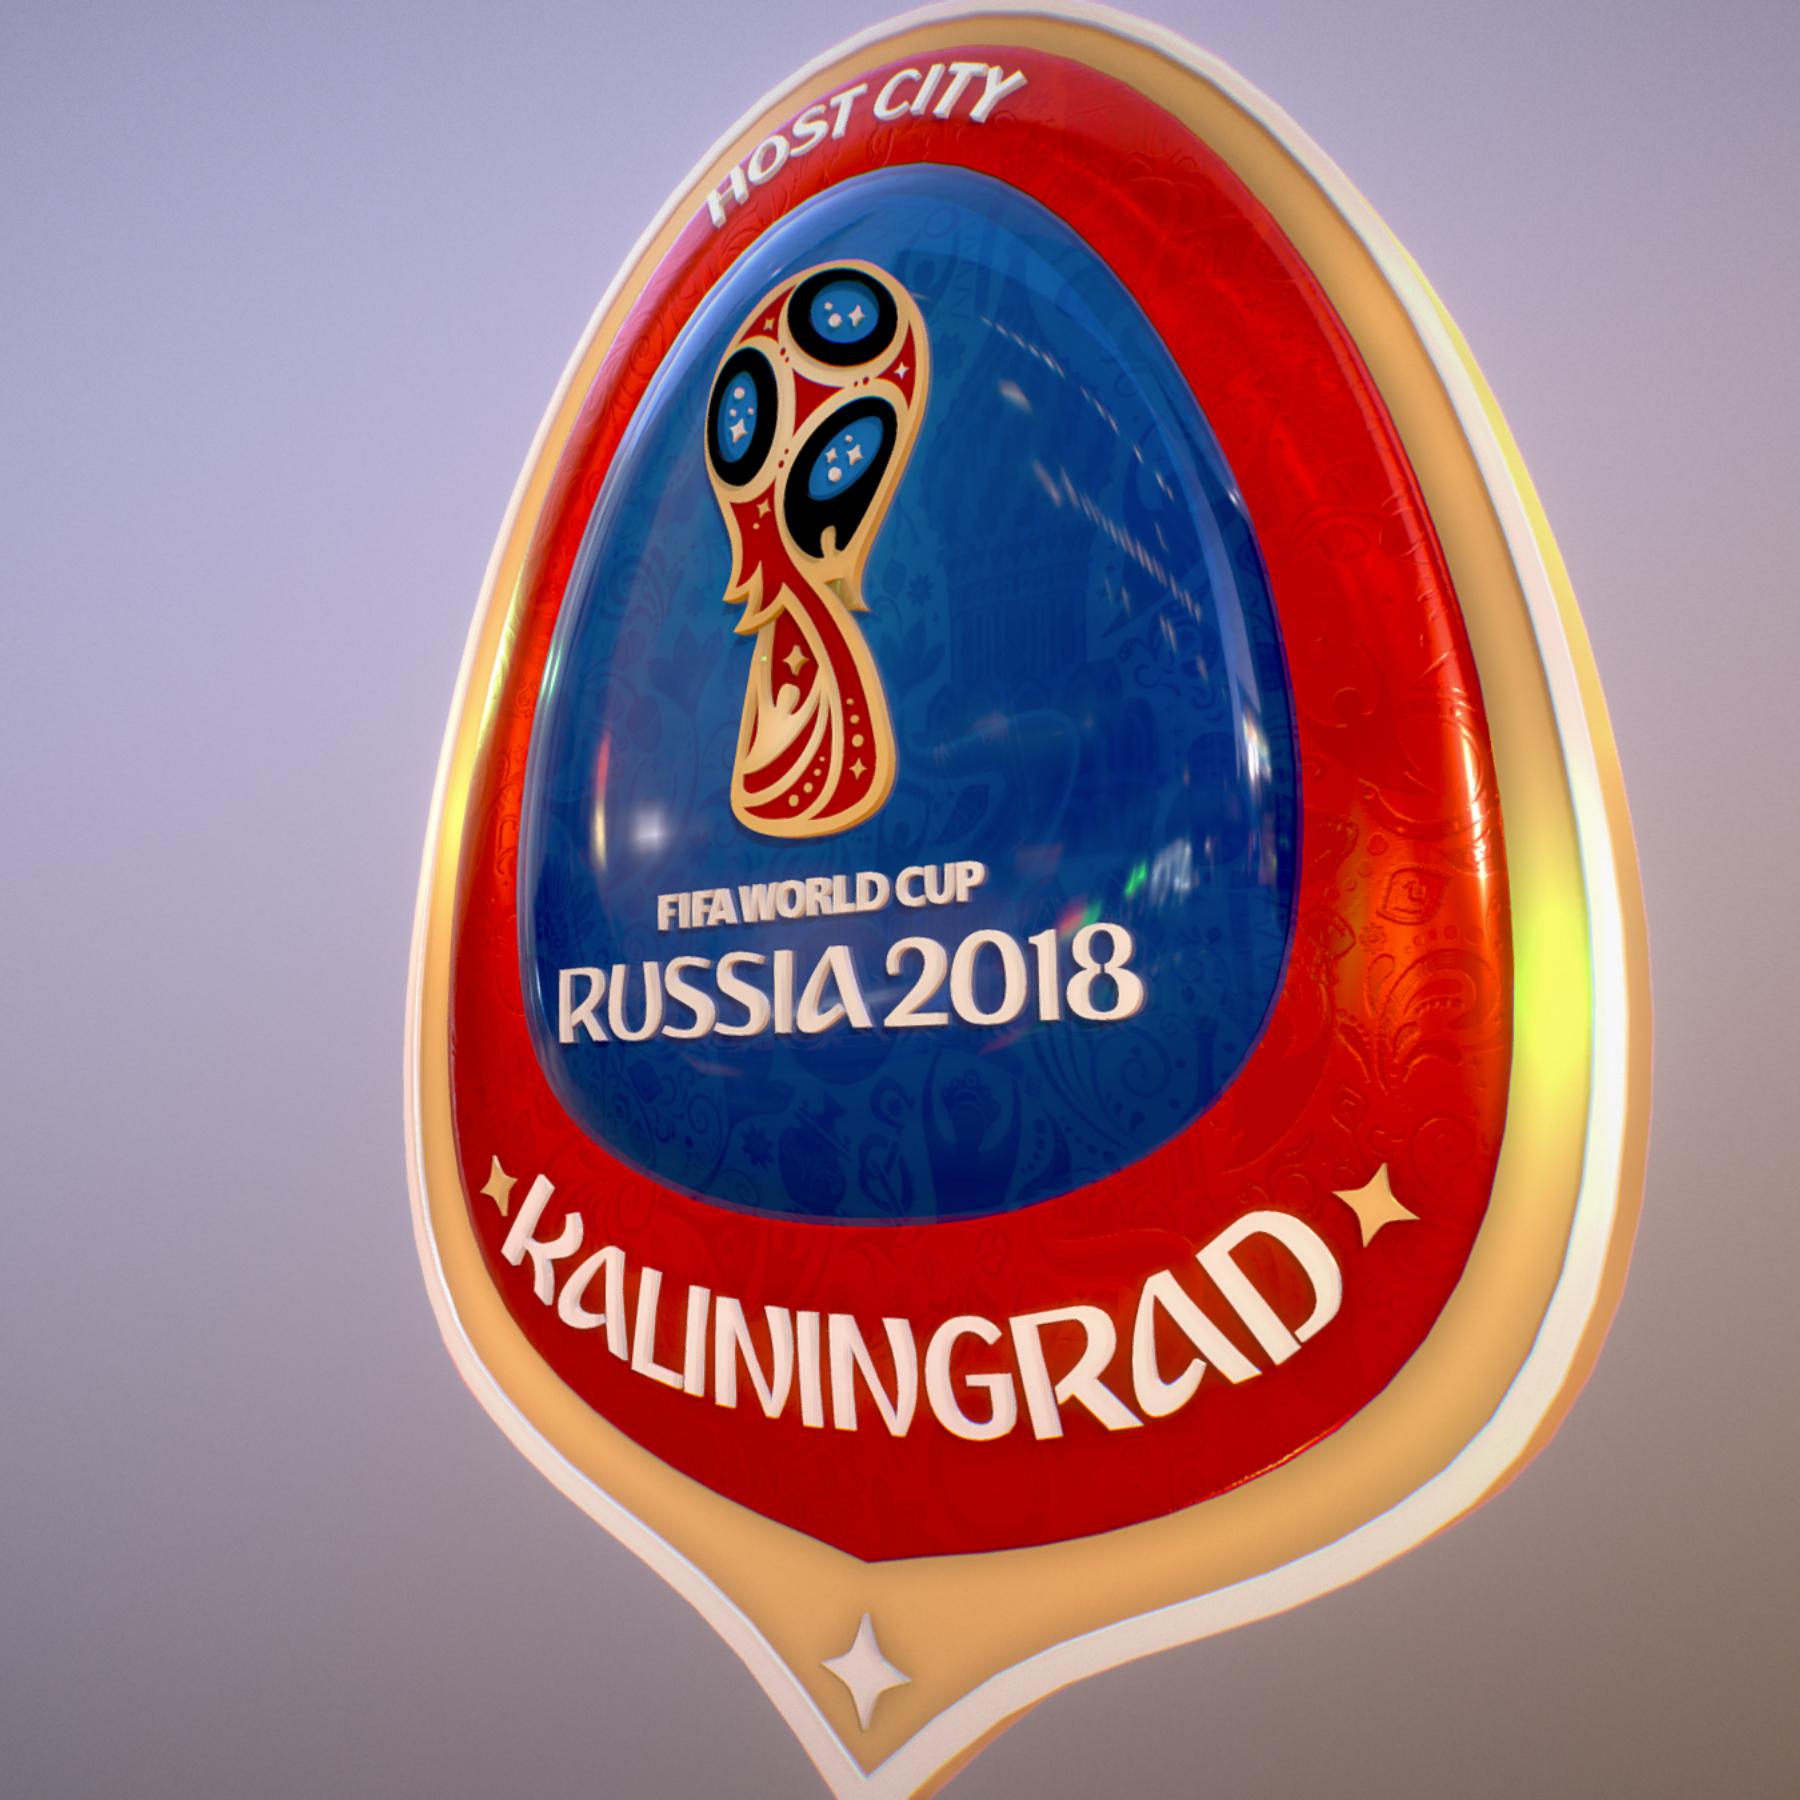 Kaliningrad City World Cup Russia 2018 Symbol 3d model max 3ds max plugin fbx jpeg ma mb obj 271750